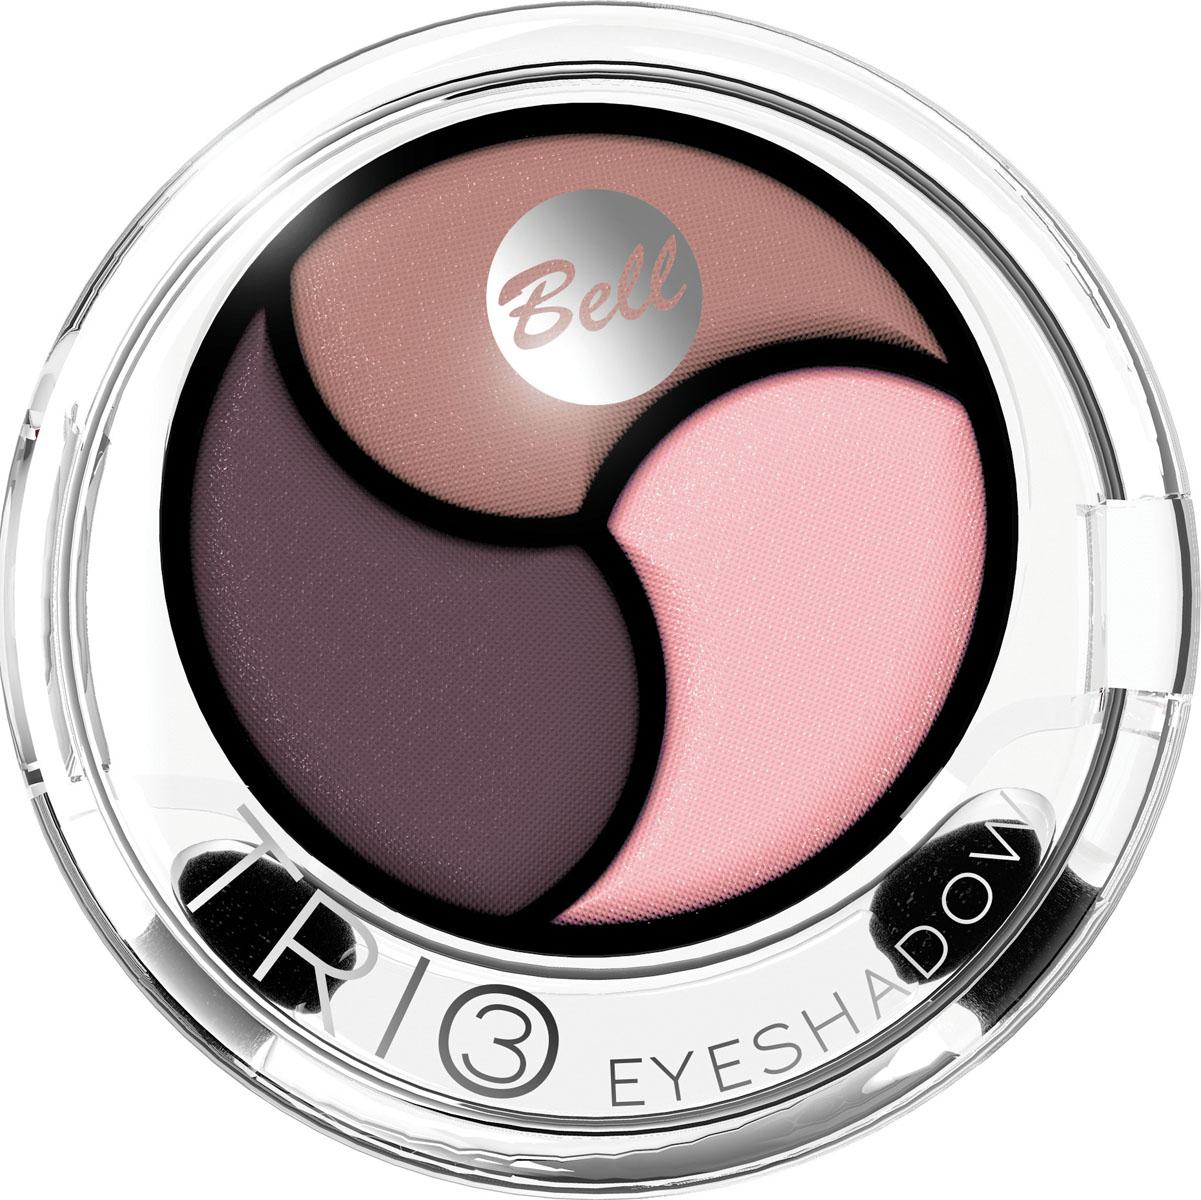 Bell Тени для век 3х Цветные Trio Eyeshadow 4 гр5010777139655Инновационная технология обеспечивает насыщенность цвета, удобство аппликации, а также необыкновенную стойкость.Тени содержат пигменты, которые находятся в капсуле с маслом жожоба, обладающим увлажняющими свойствами, гарантируя кремовый эффект. Тени представлены в шести цветовых наборах, которые позволят создать идеальный макияж глаз. Тон 3